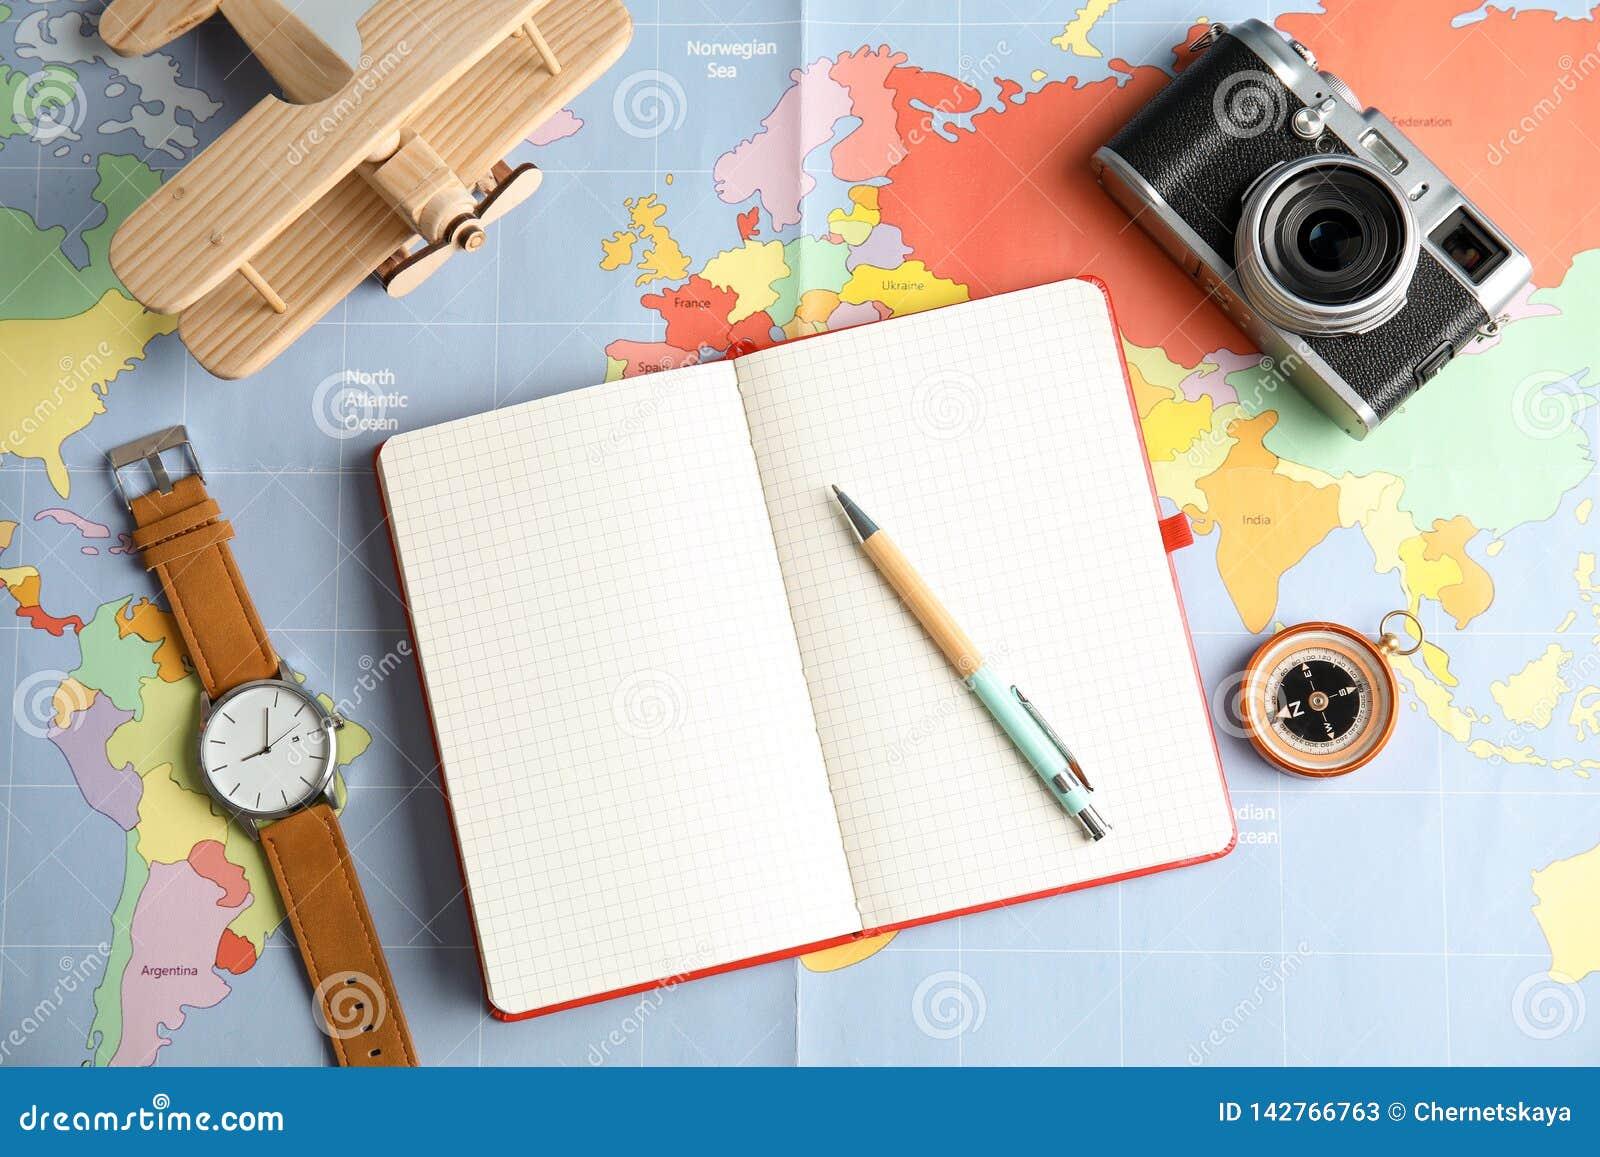 Composizione posta piana con il taccuino e macchina fotografica sulla mappa di mondo, spazio per testo